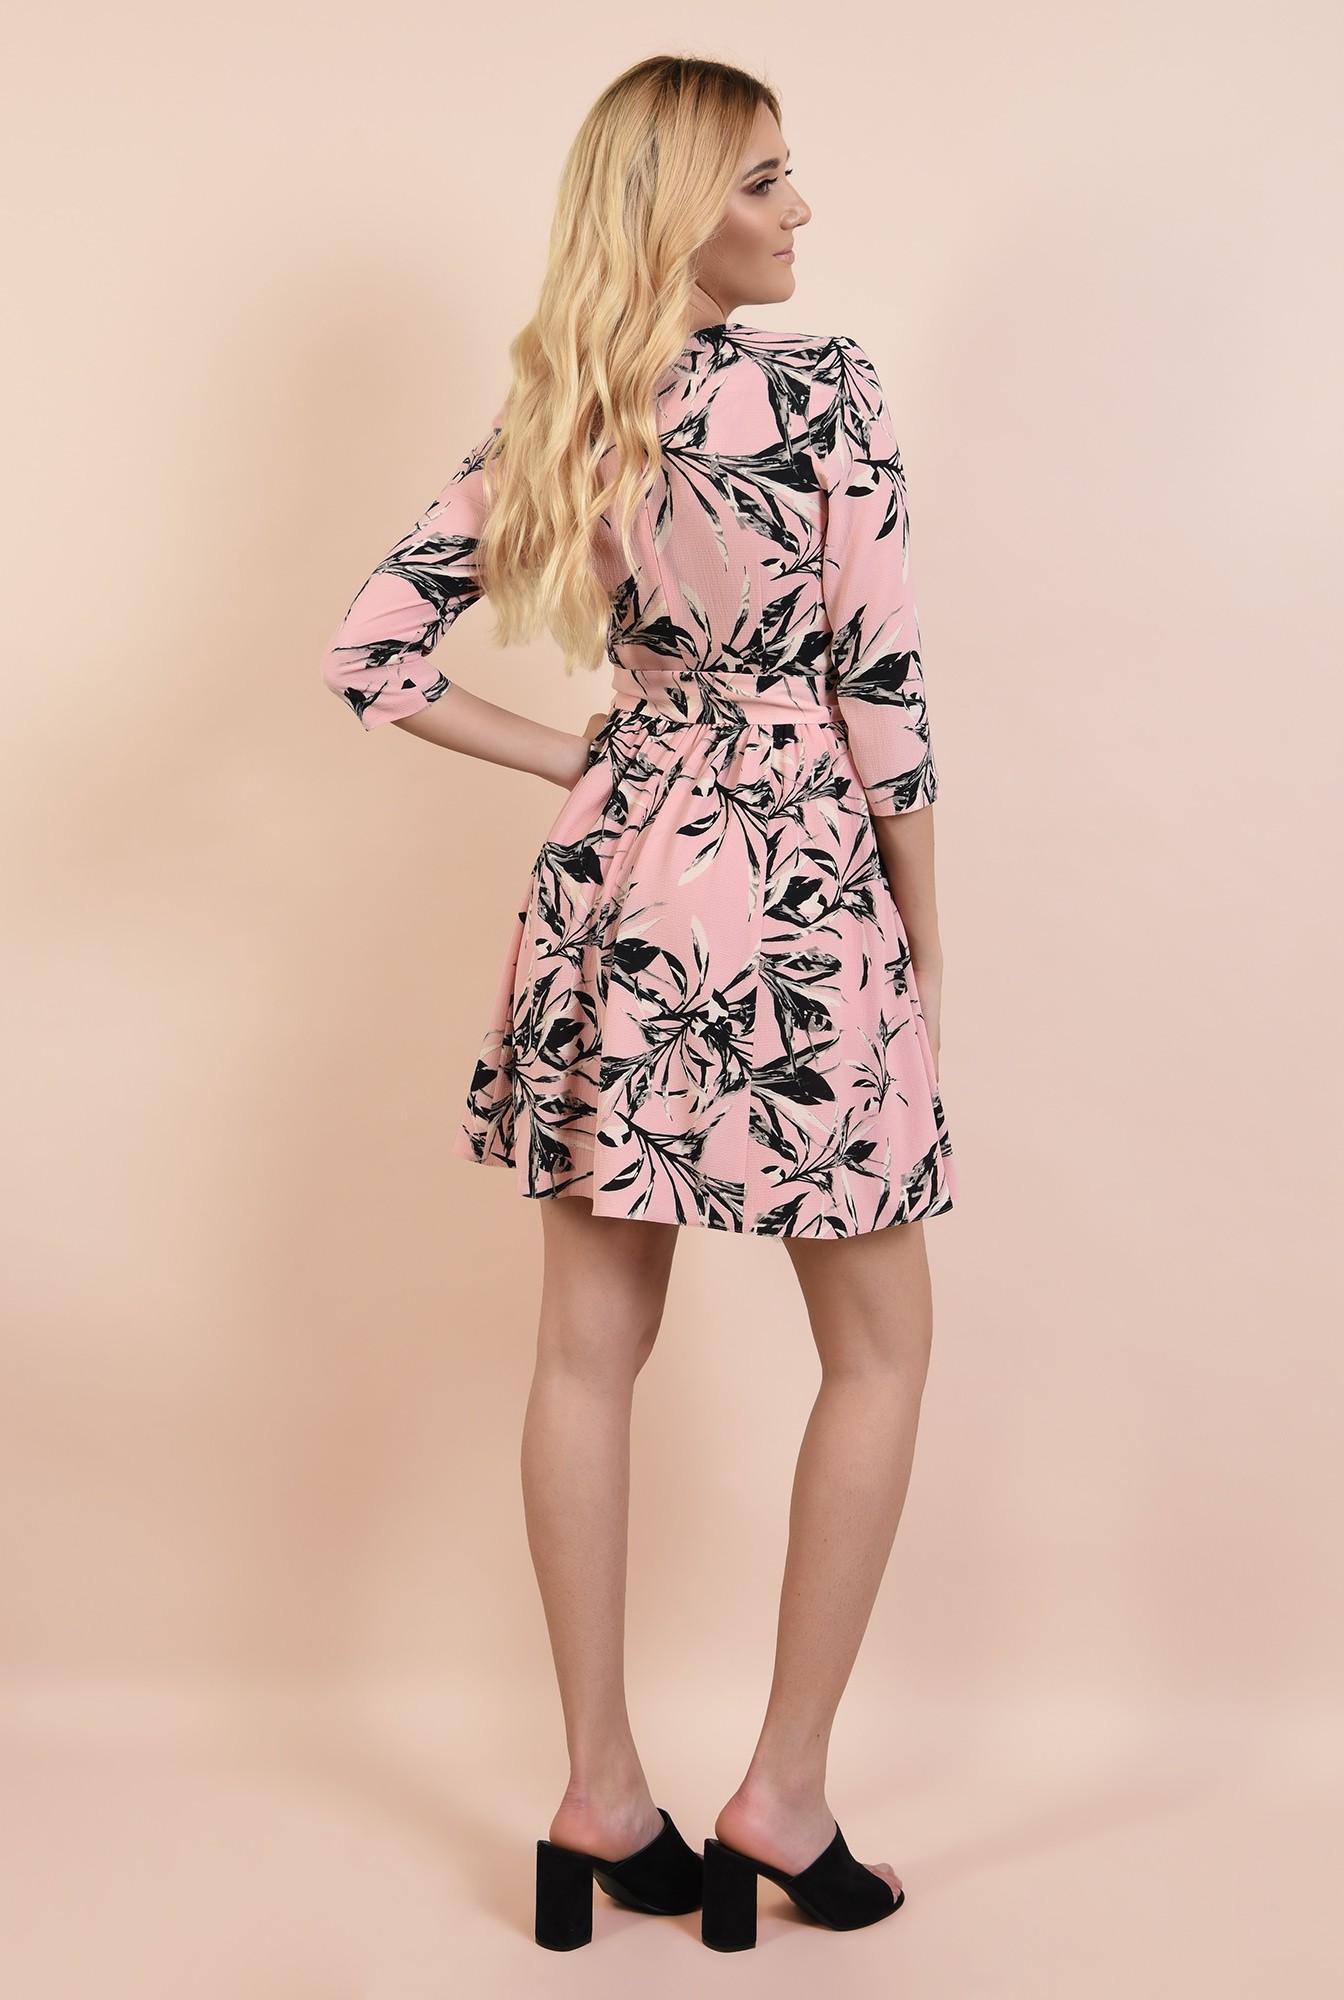 1 - rochie casual, cu flori, Poema, cu cordon, clos, anchior petrecut